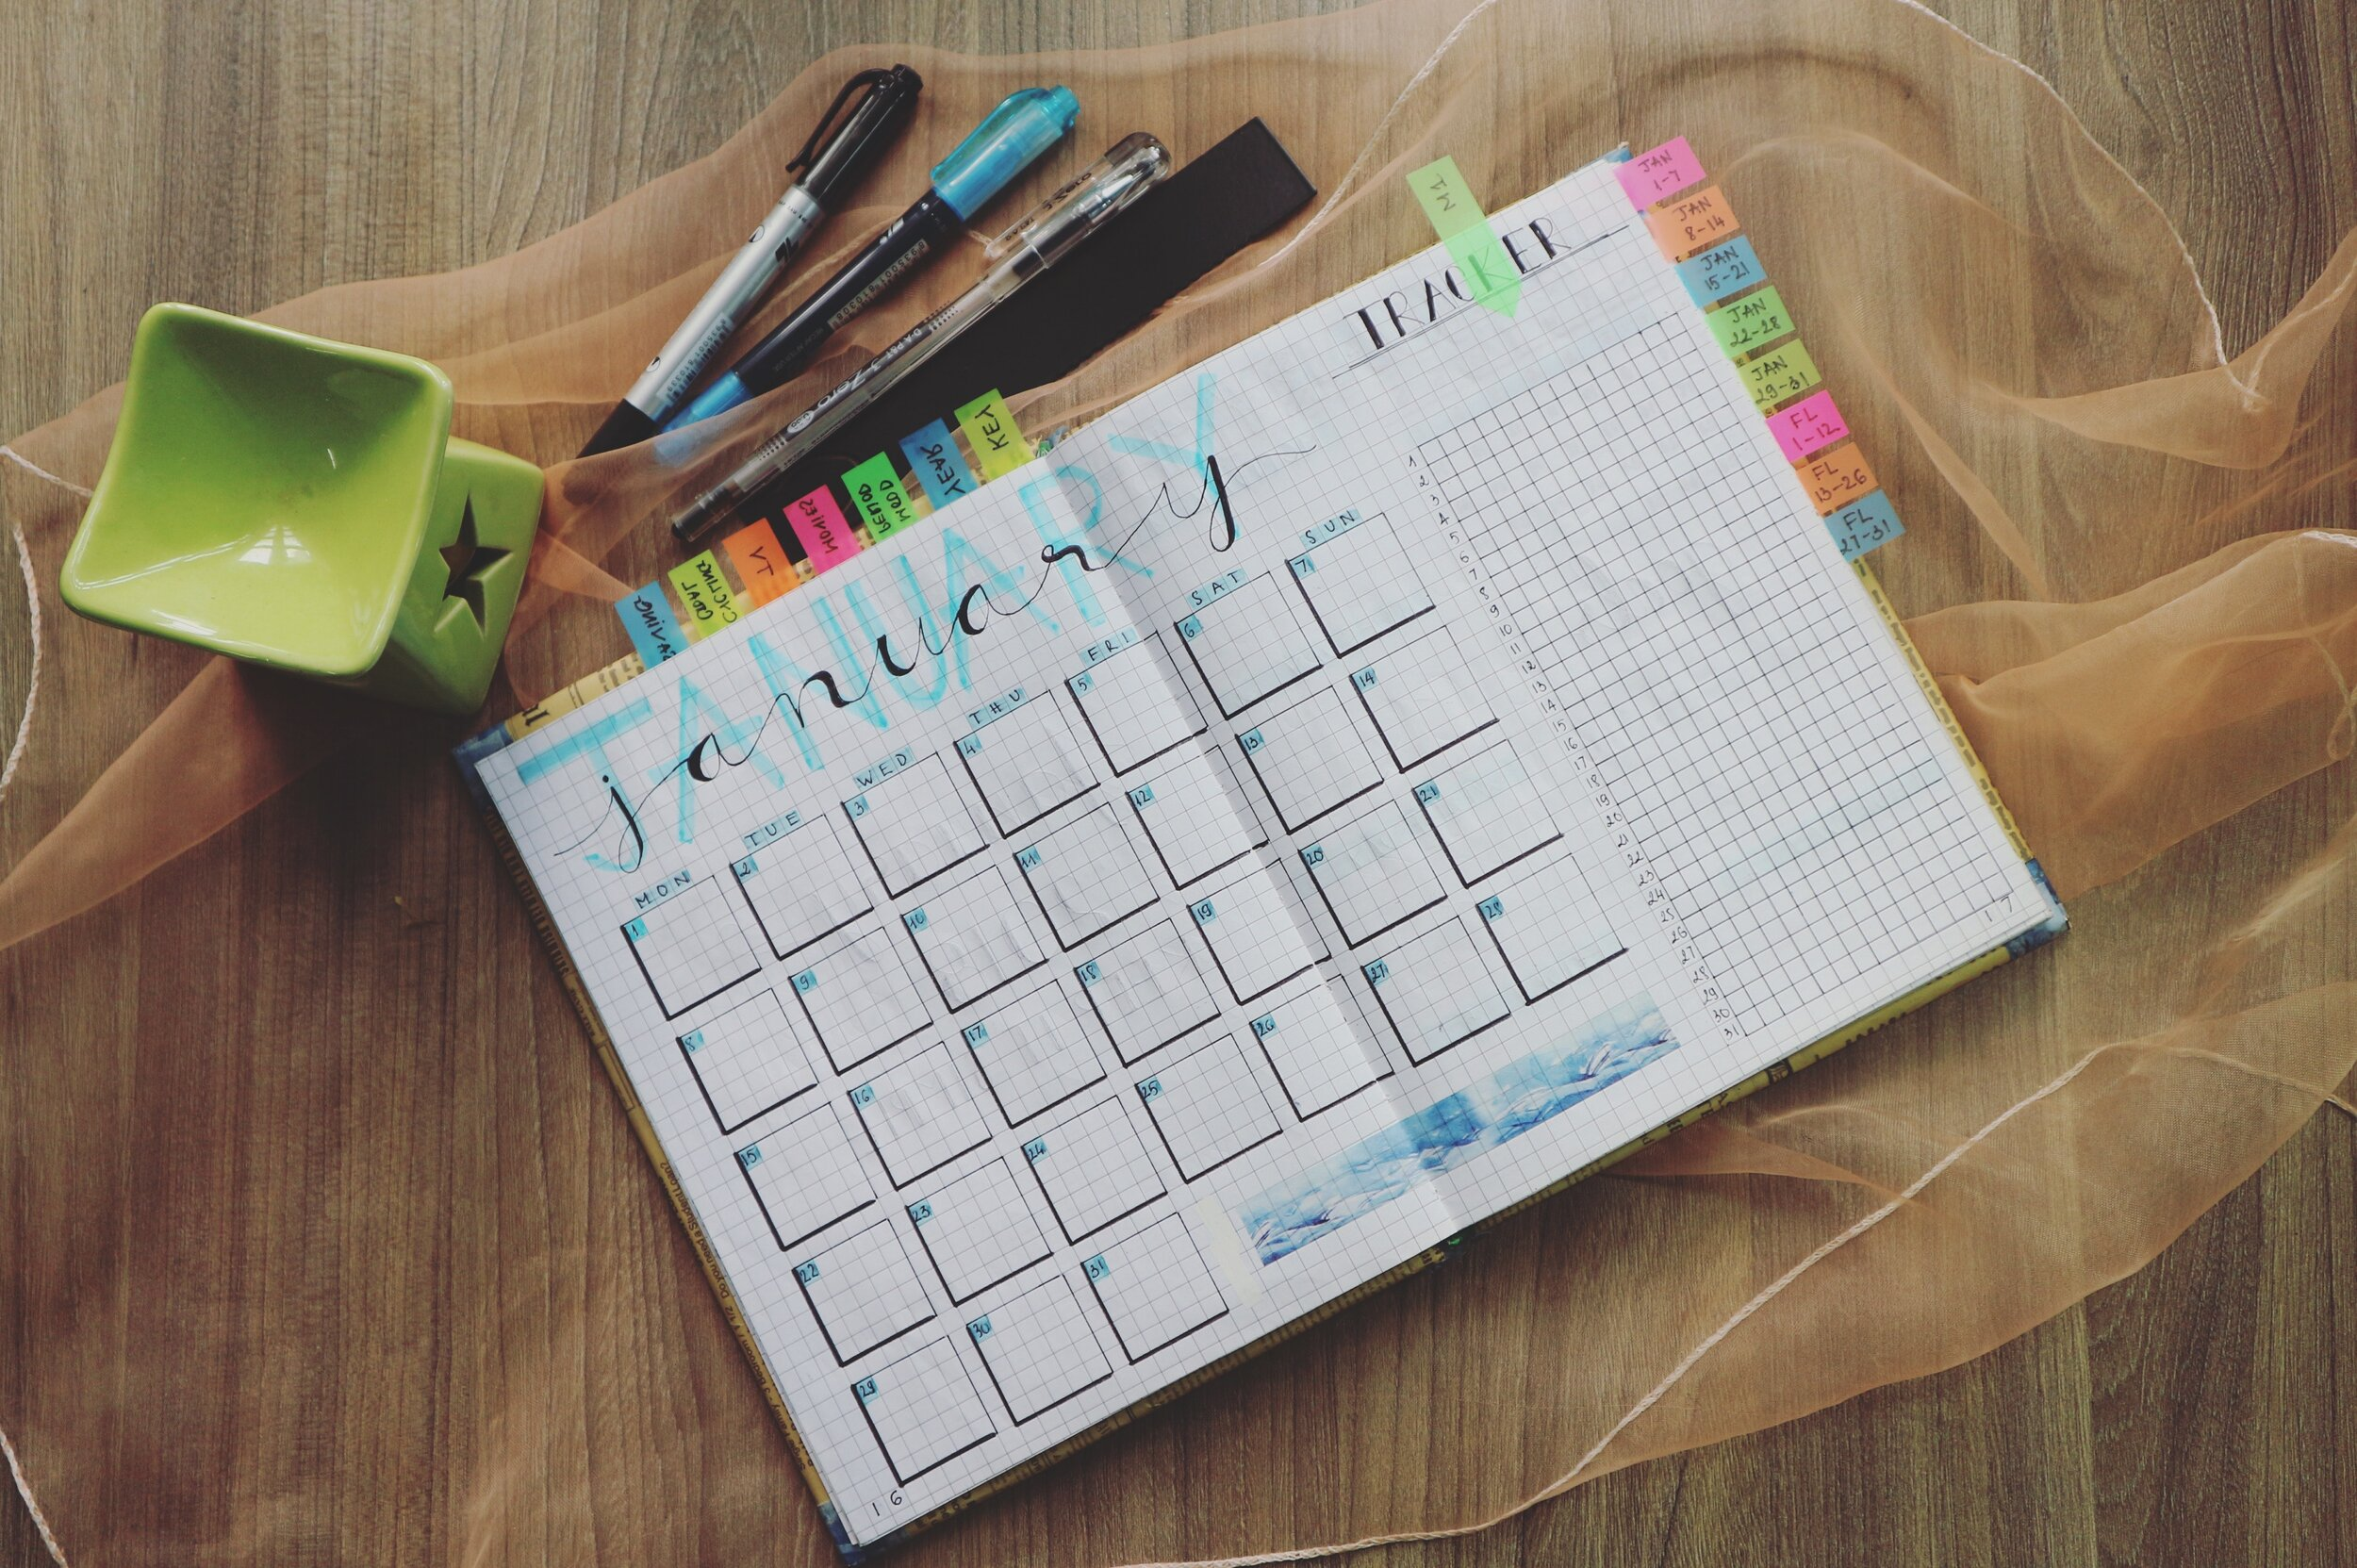 calendar-composition-january-760710.jpg